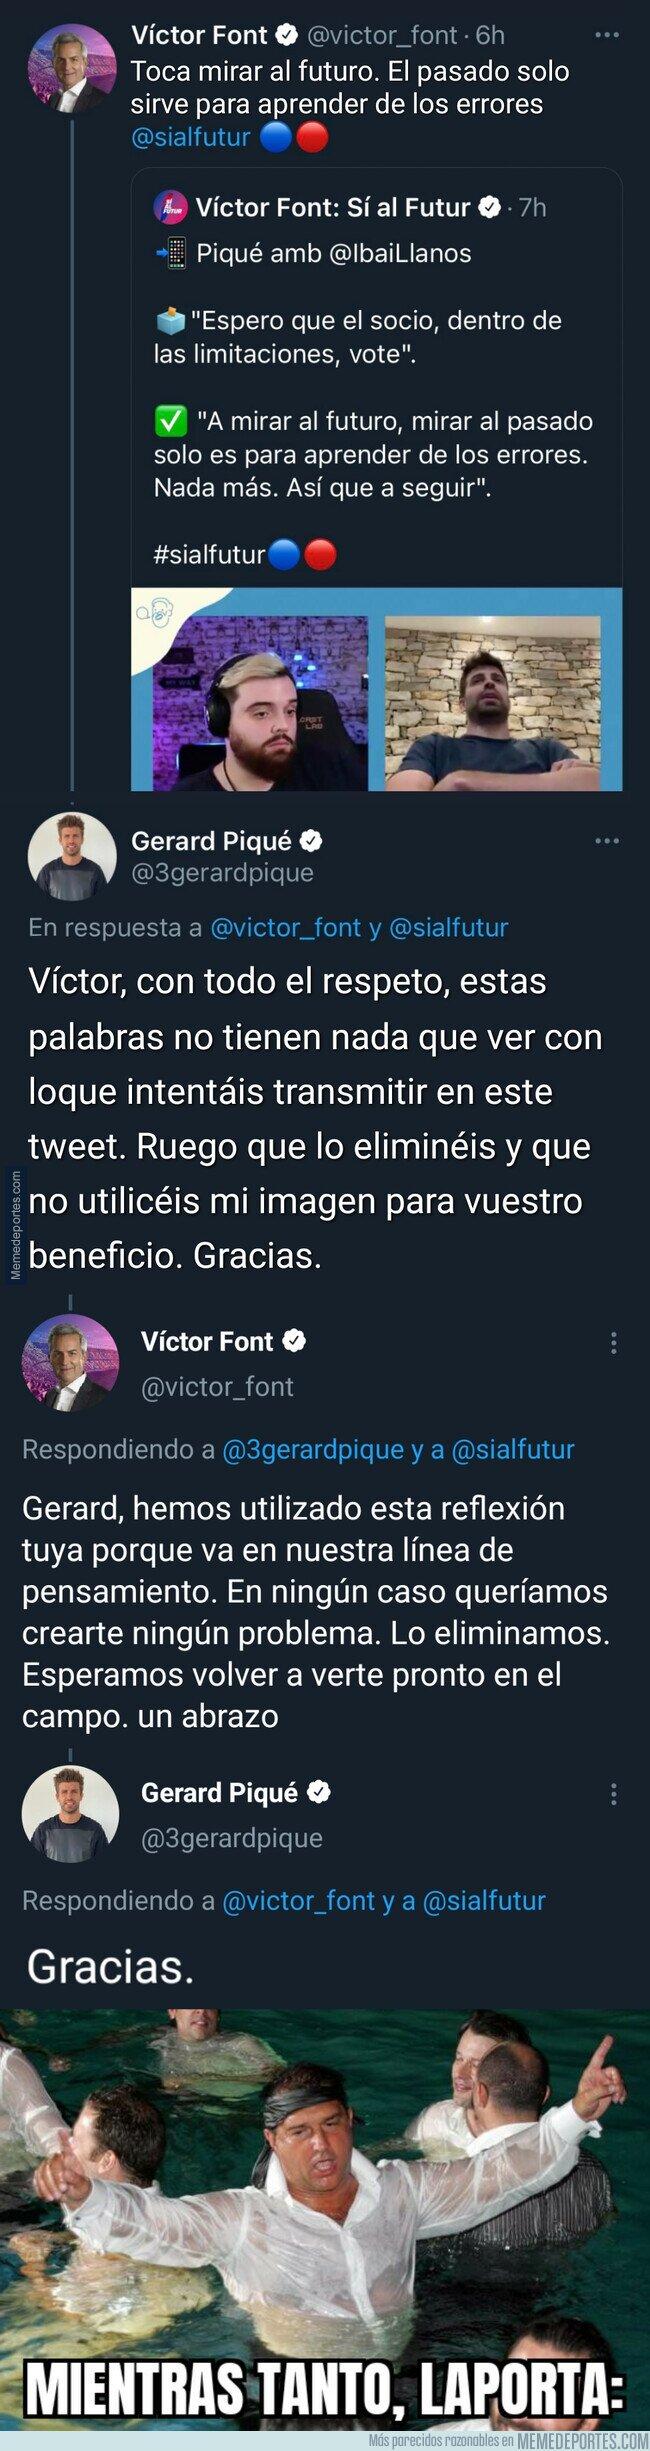 1127092 - El cruce de tuits entre Piqué y Víctor Font que podrían hacerle perder las elecciones definitivamente